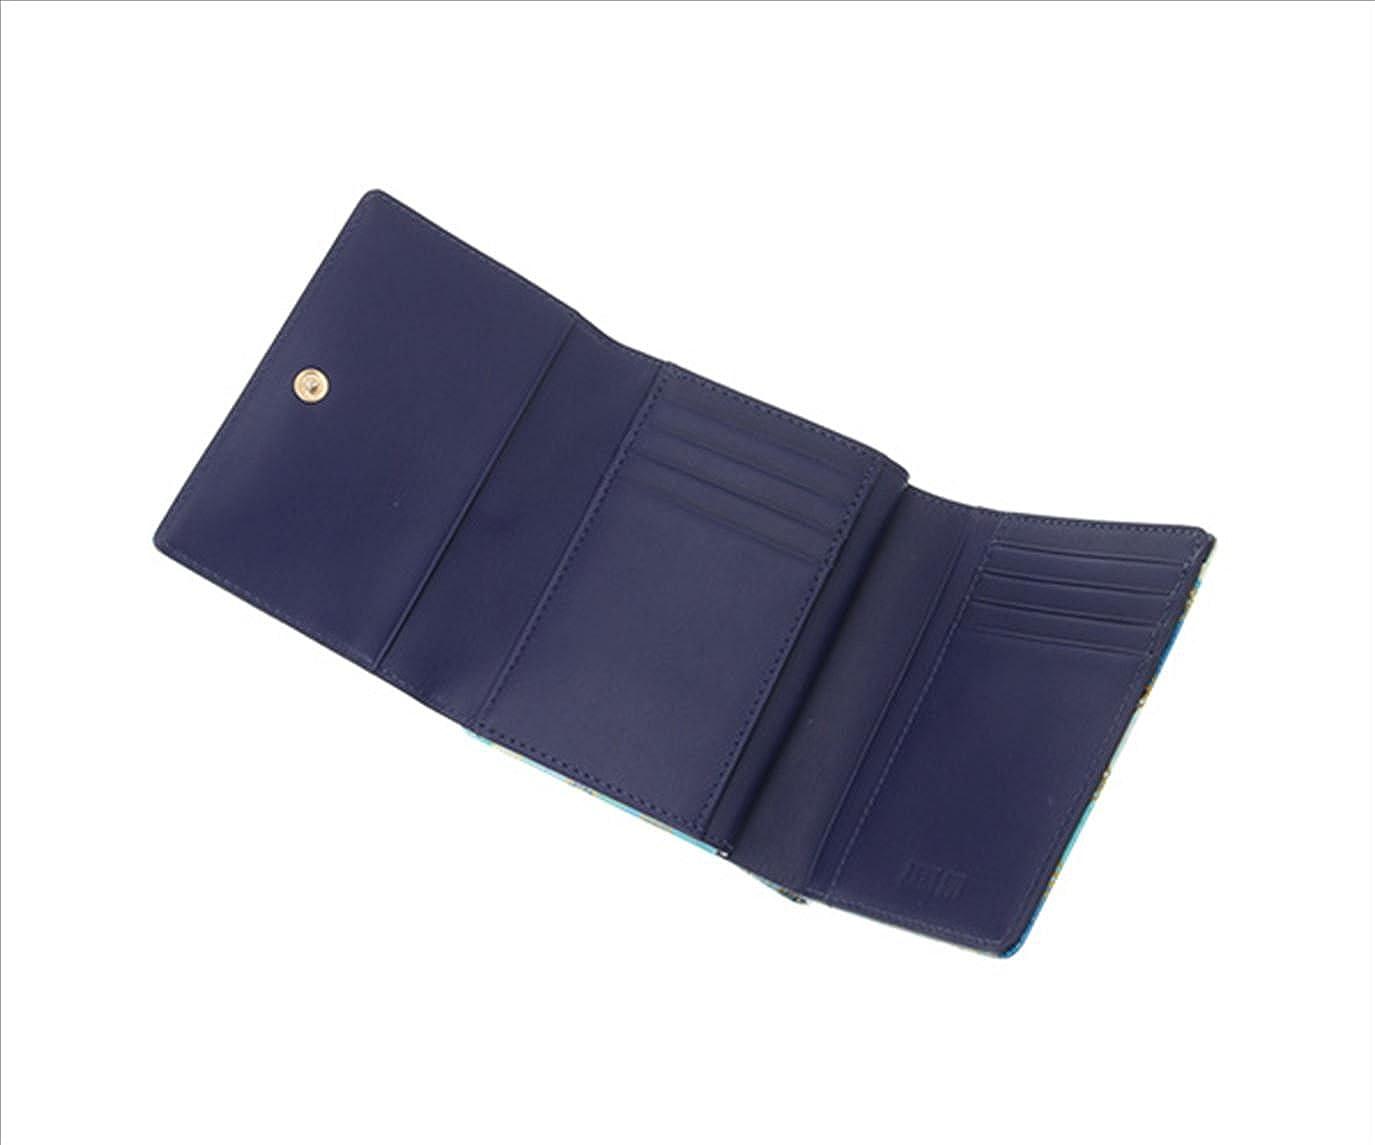 ceee6861e7be Amazon | アナスイ ANNA SUI ピーコック 財布 2つ折り財布 外がま口 | アナスイ | 財布